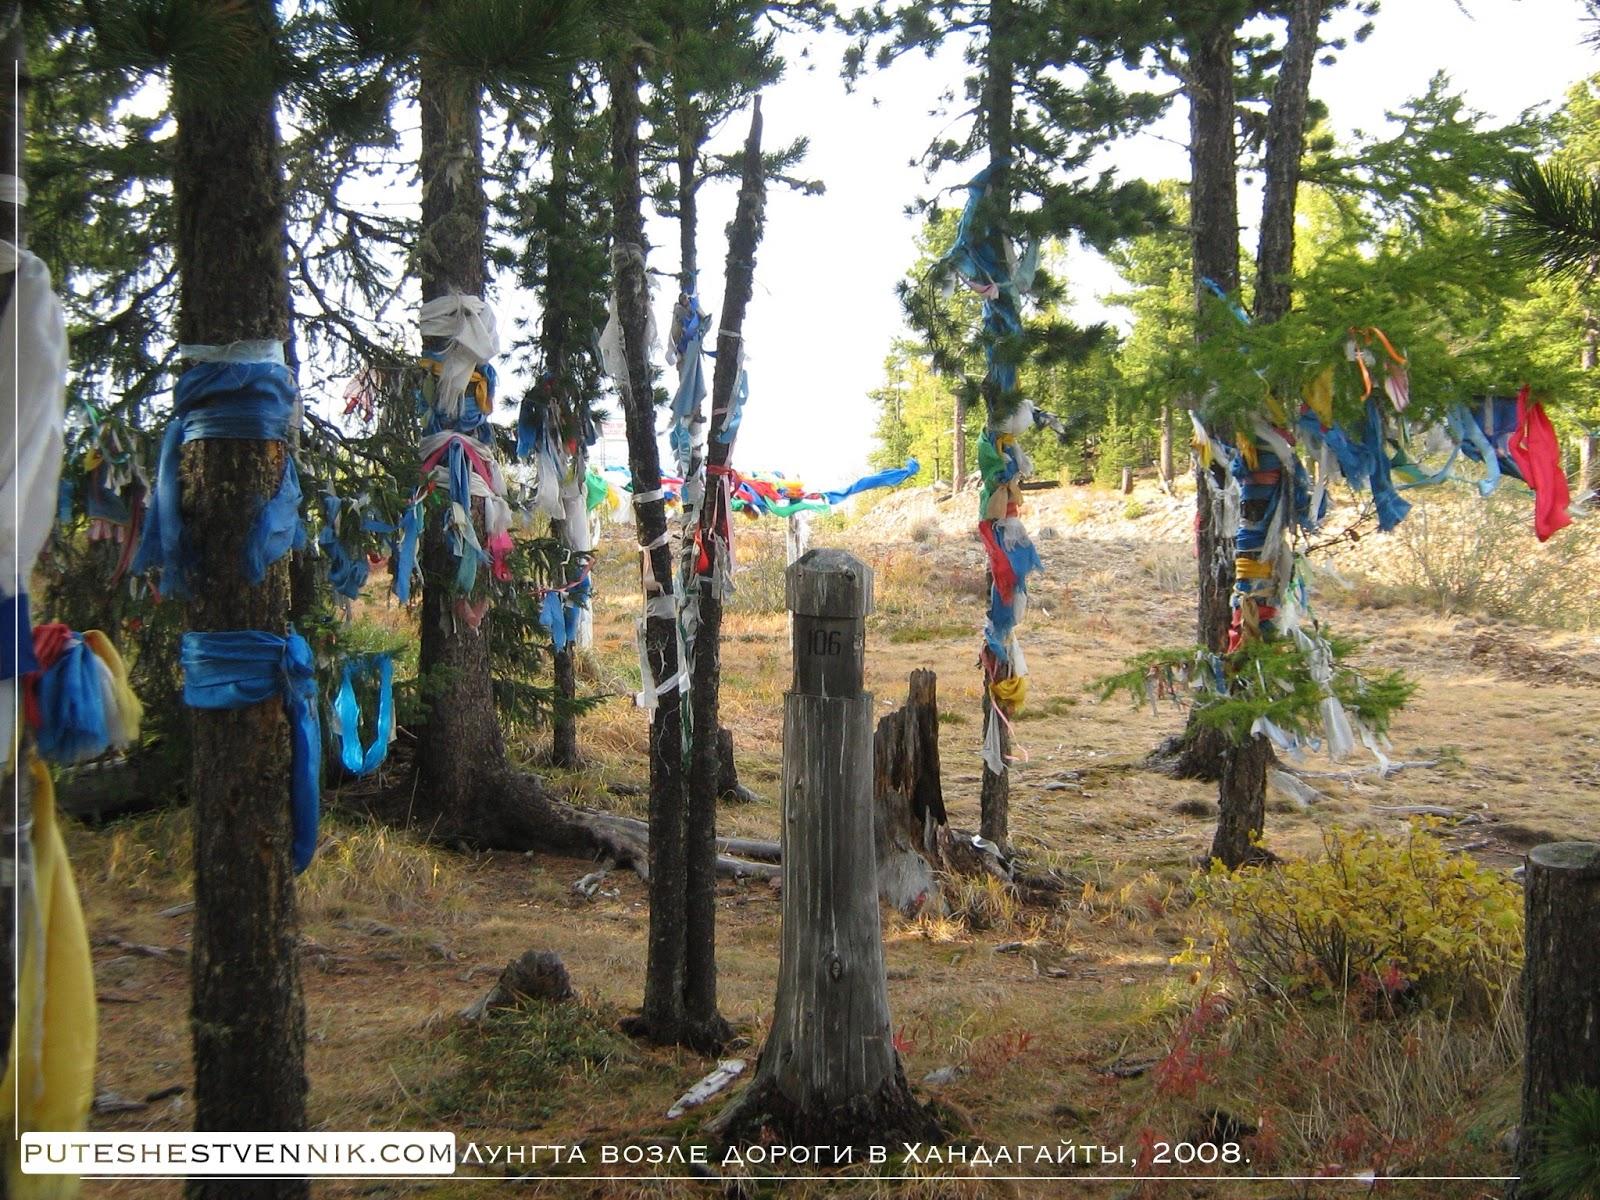 Буддийские флажки на деревьях